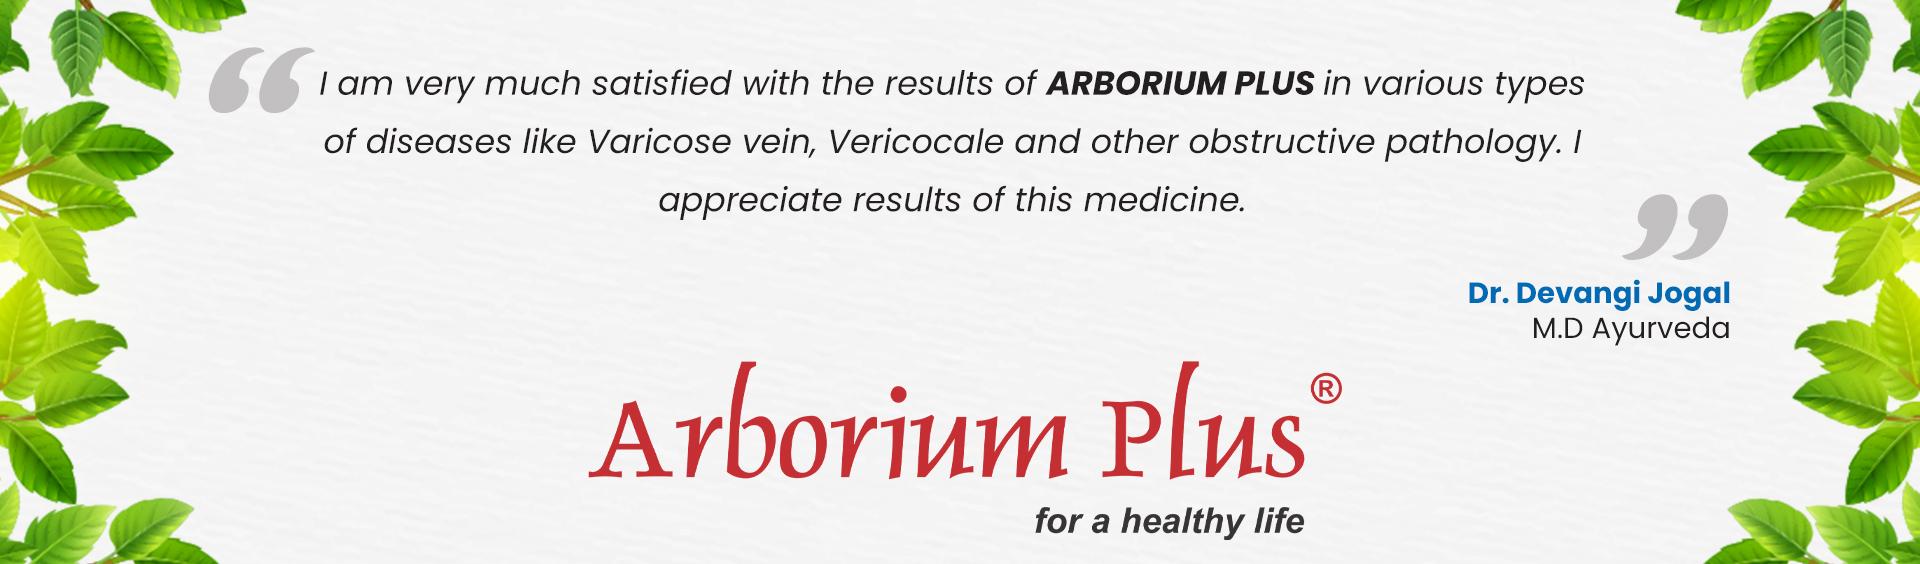 Testimonial-(Arborium-Plus)---1920-x-564